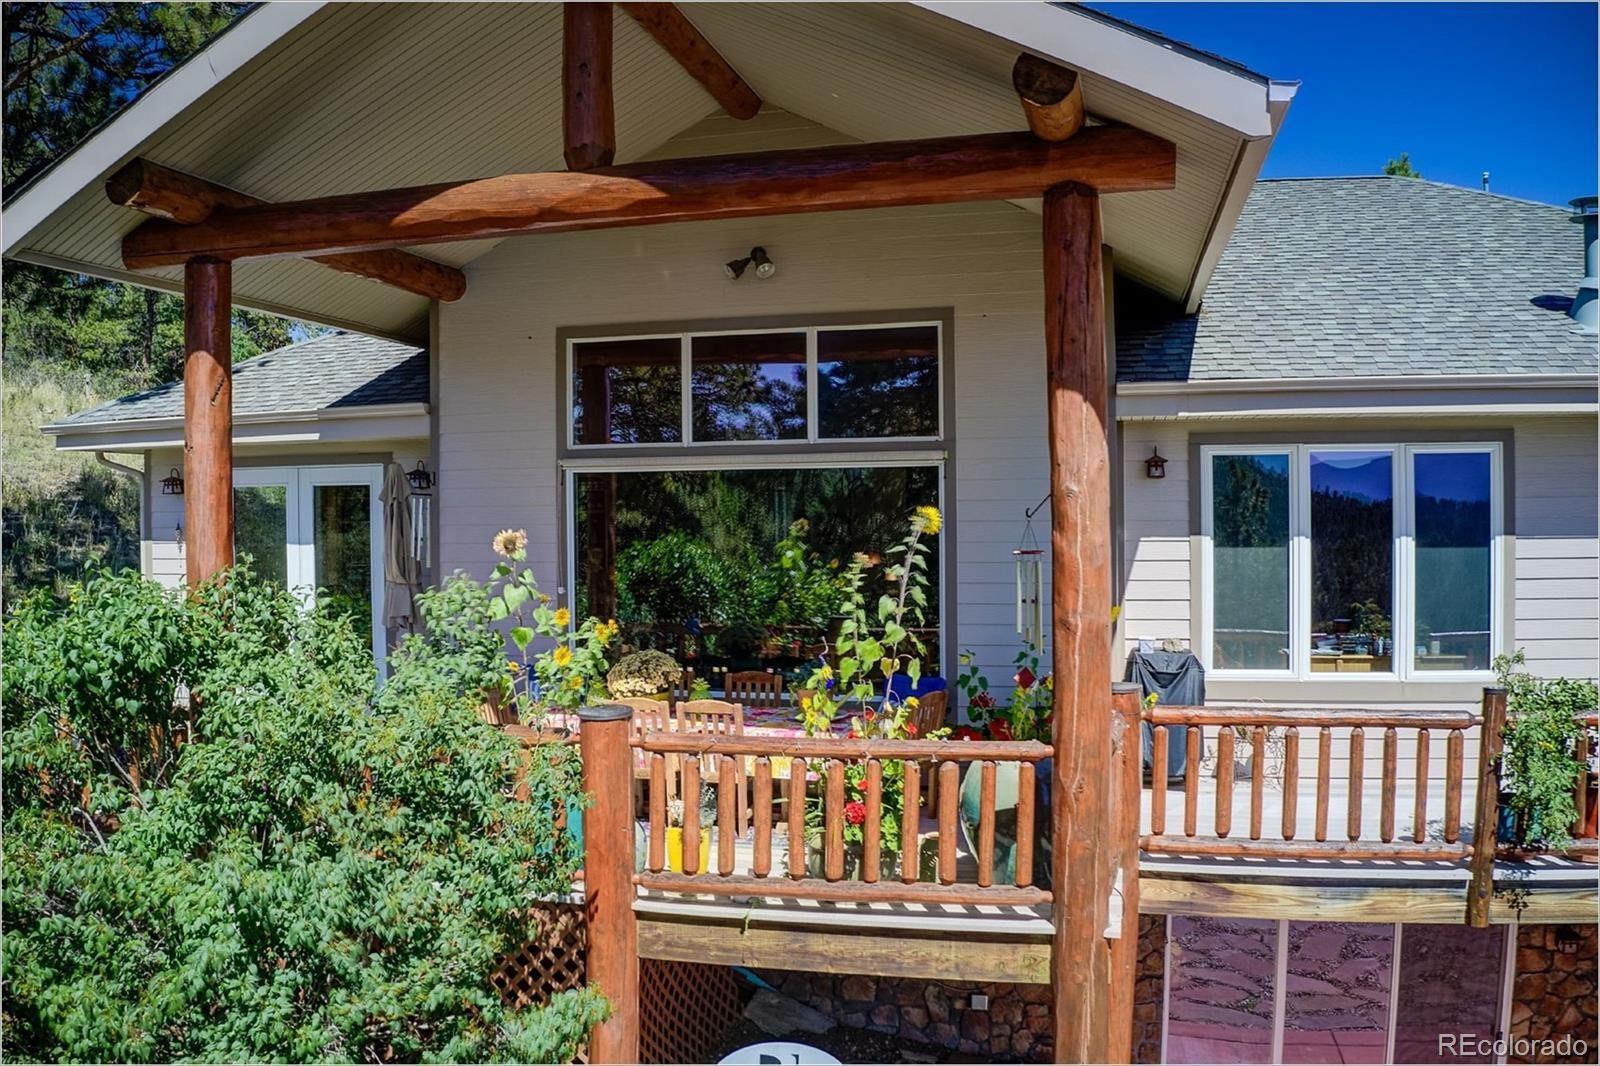 MLS# 7982246 - 7 - 13831 Douglas Ranch Drive, Pine, CO 80470